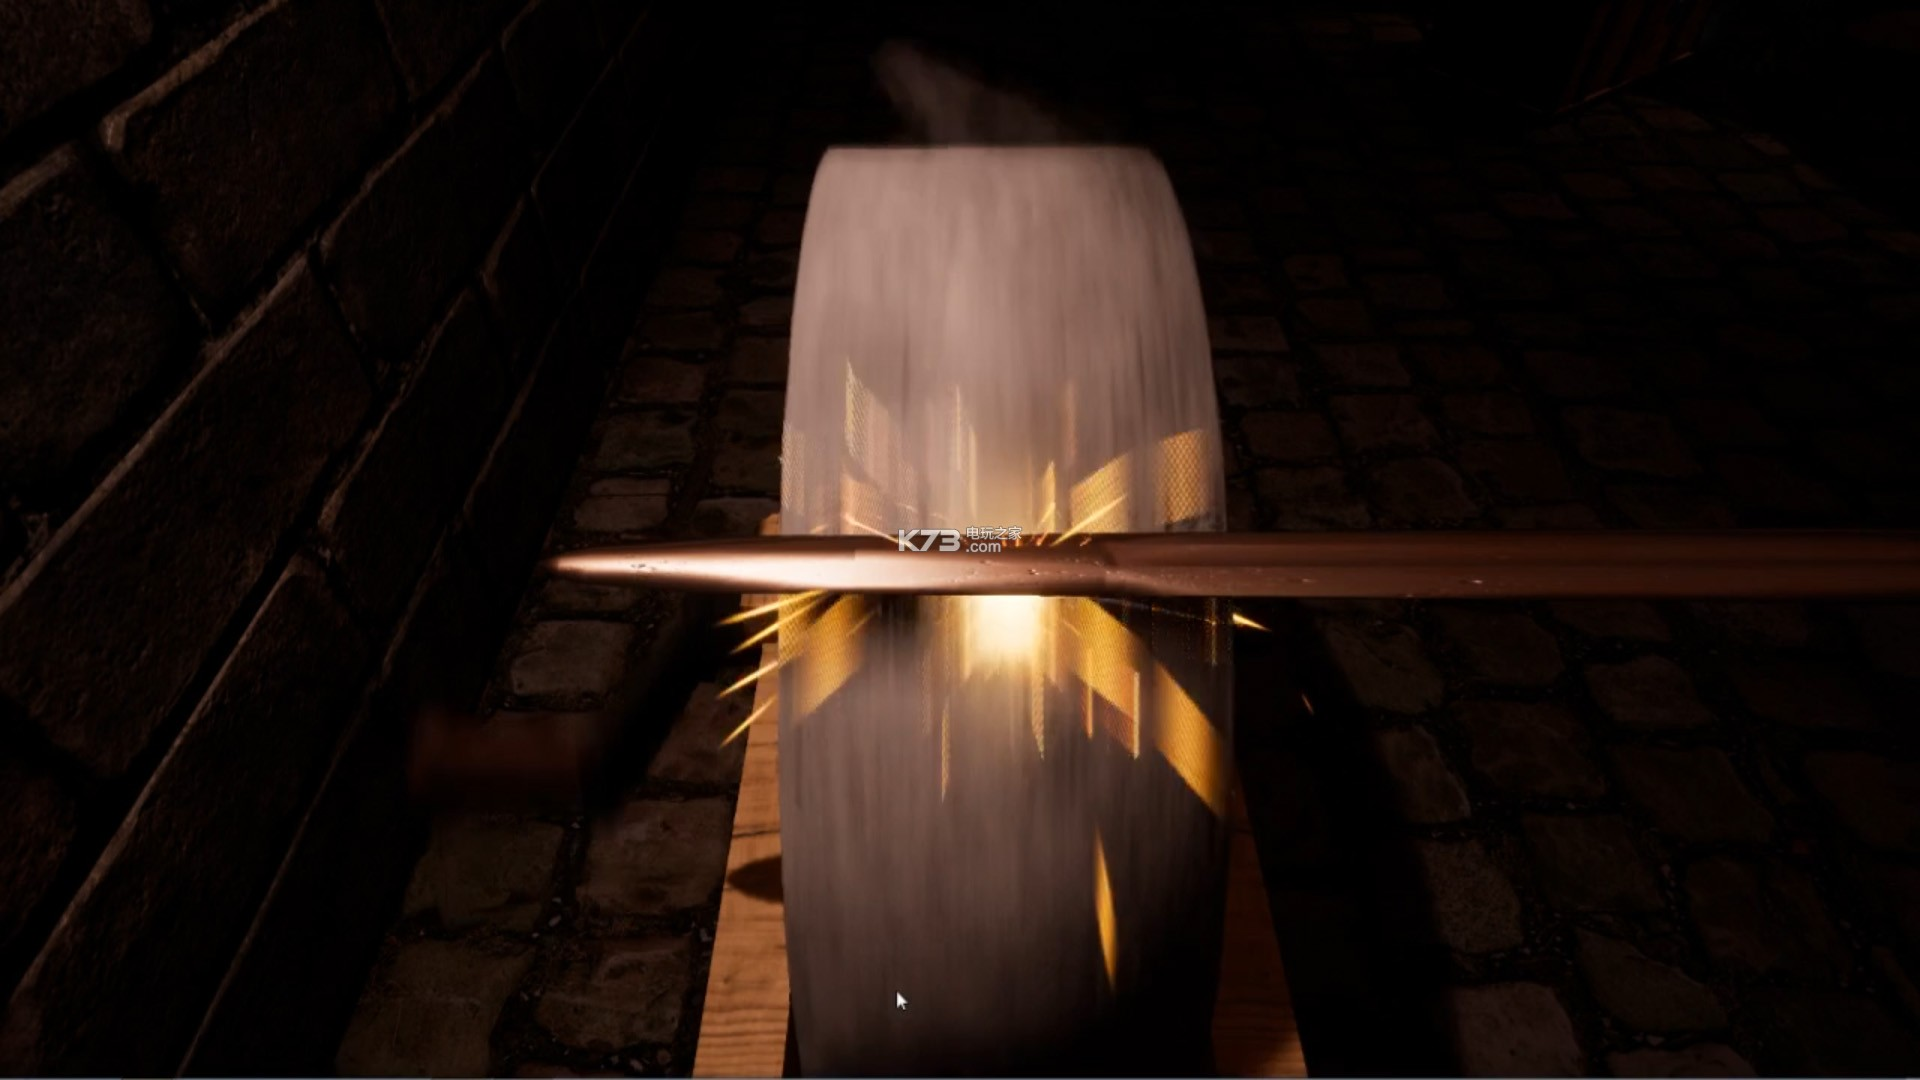 模拟铁匠铺 中文版下载 截图